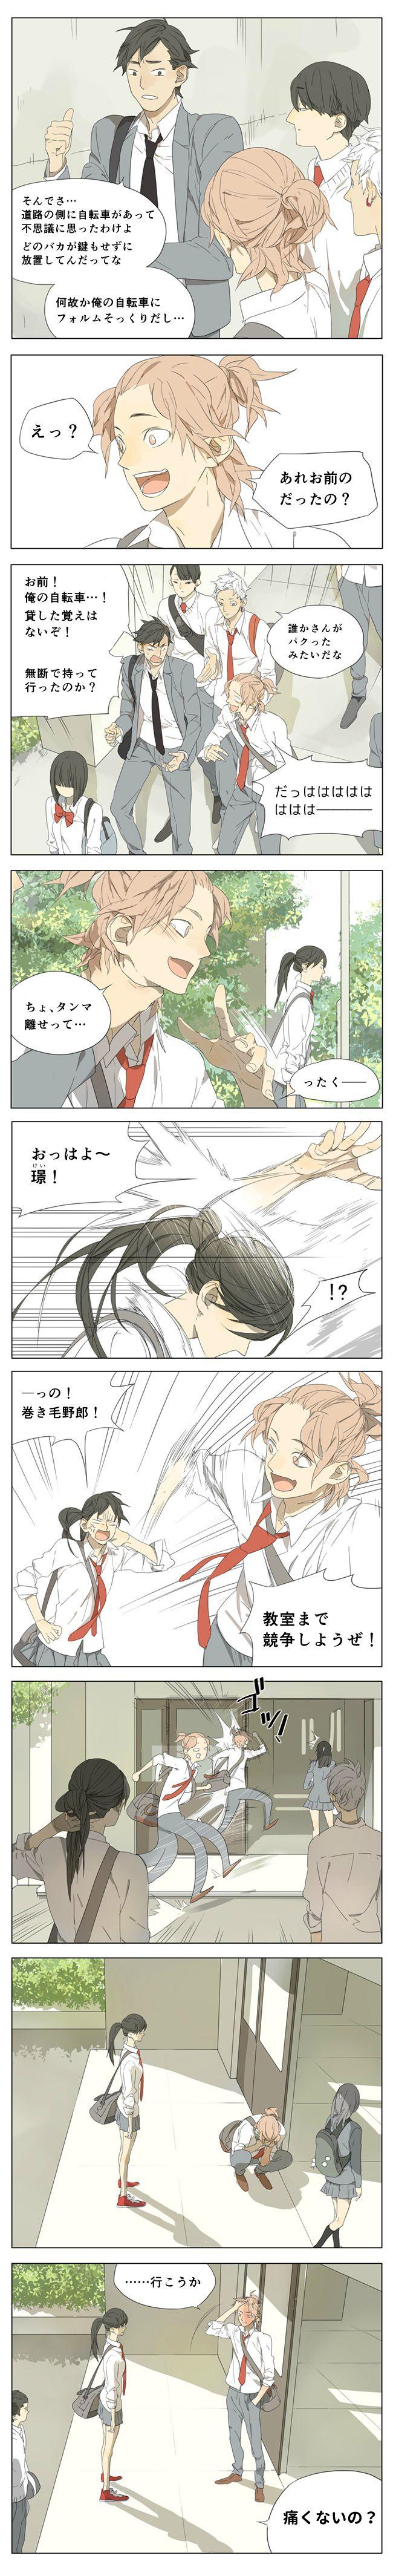 她们的故事/坛九/their story/tanjiu/彼女たちの物語/日本語に訳してみた/七話①